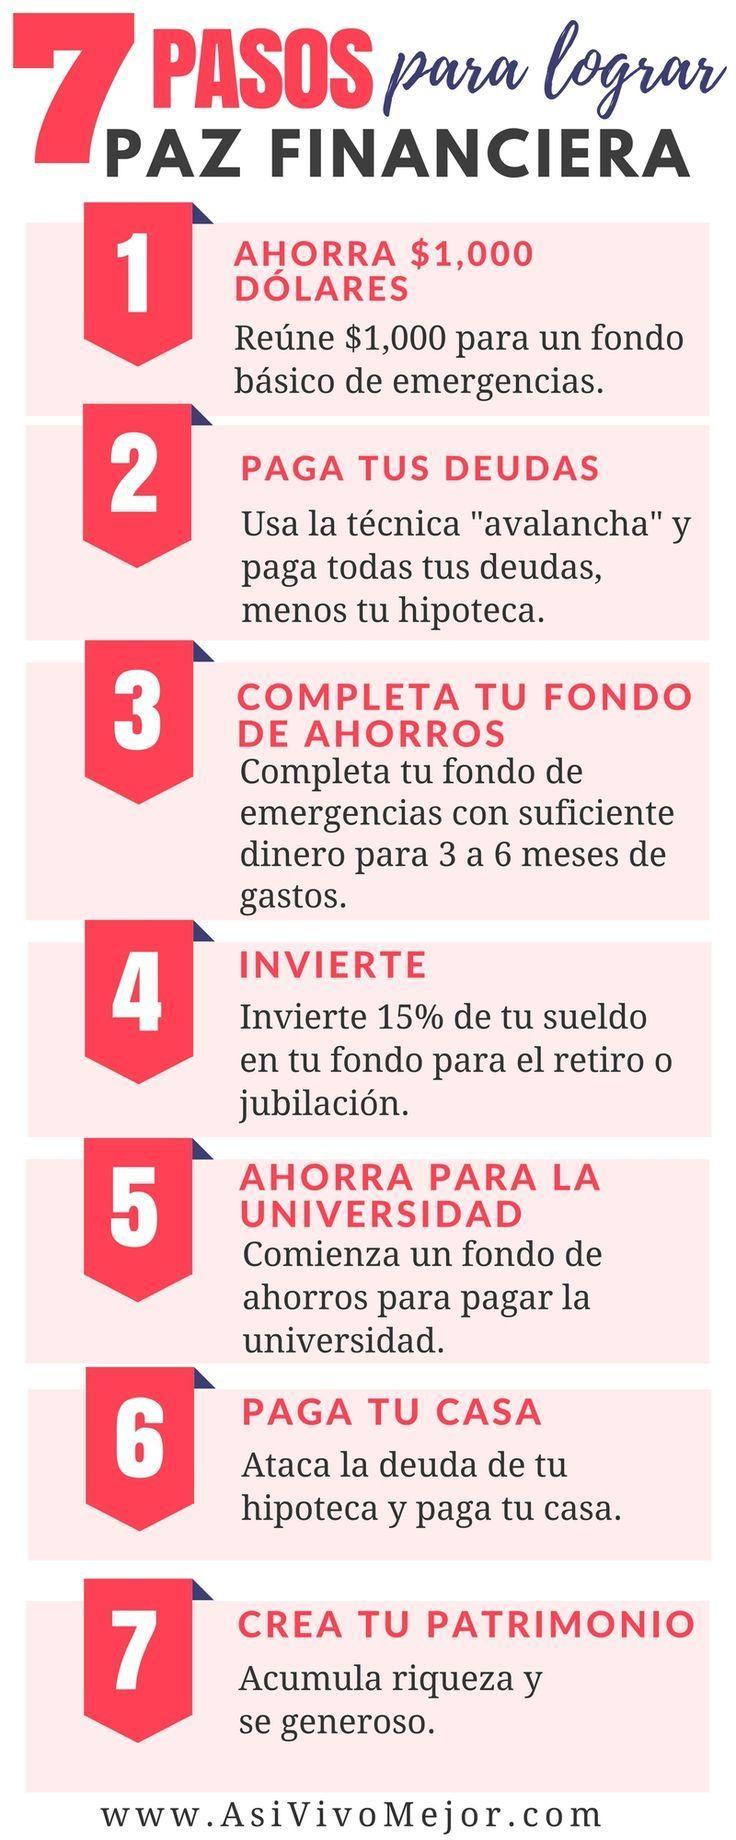 Lo que muchas veces necesitamos para vivir tener éxito es un proceso que funcione. Aprende a #vivirsindeudas en este episodio de #AsiVivoMejor #Podcast #finanzaspersonales #latinos #espanol #dinero #daveramsey #finanzas